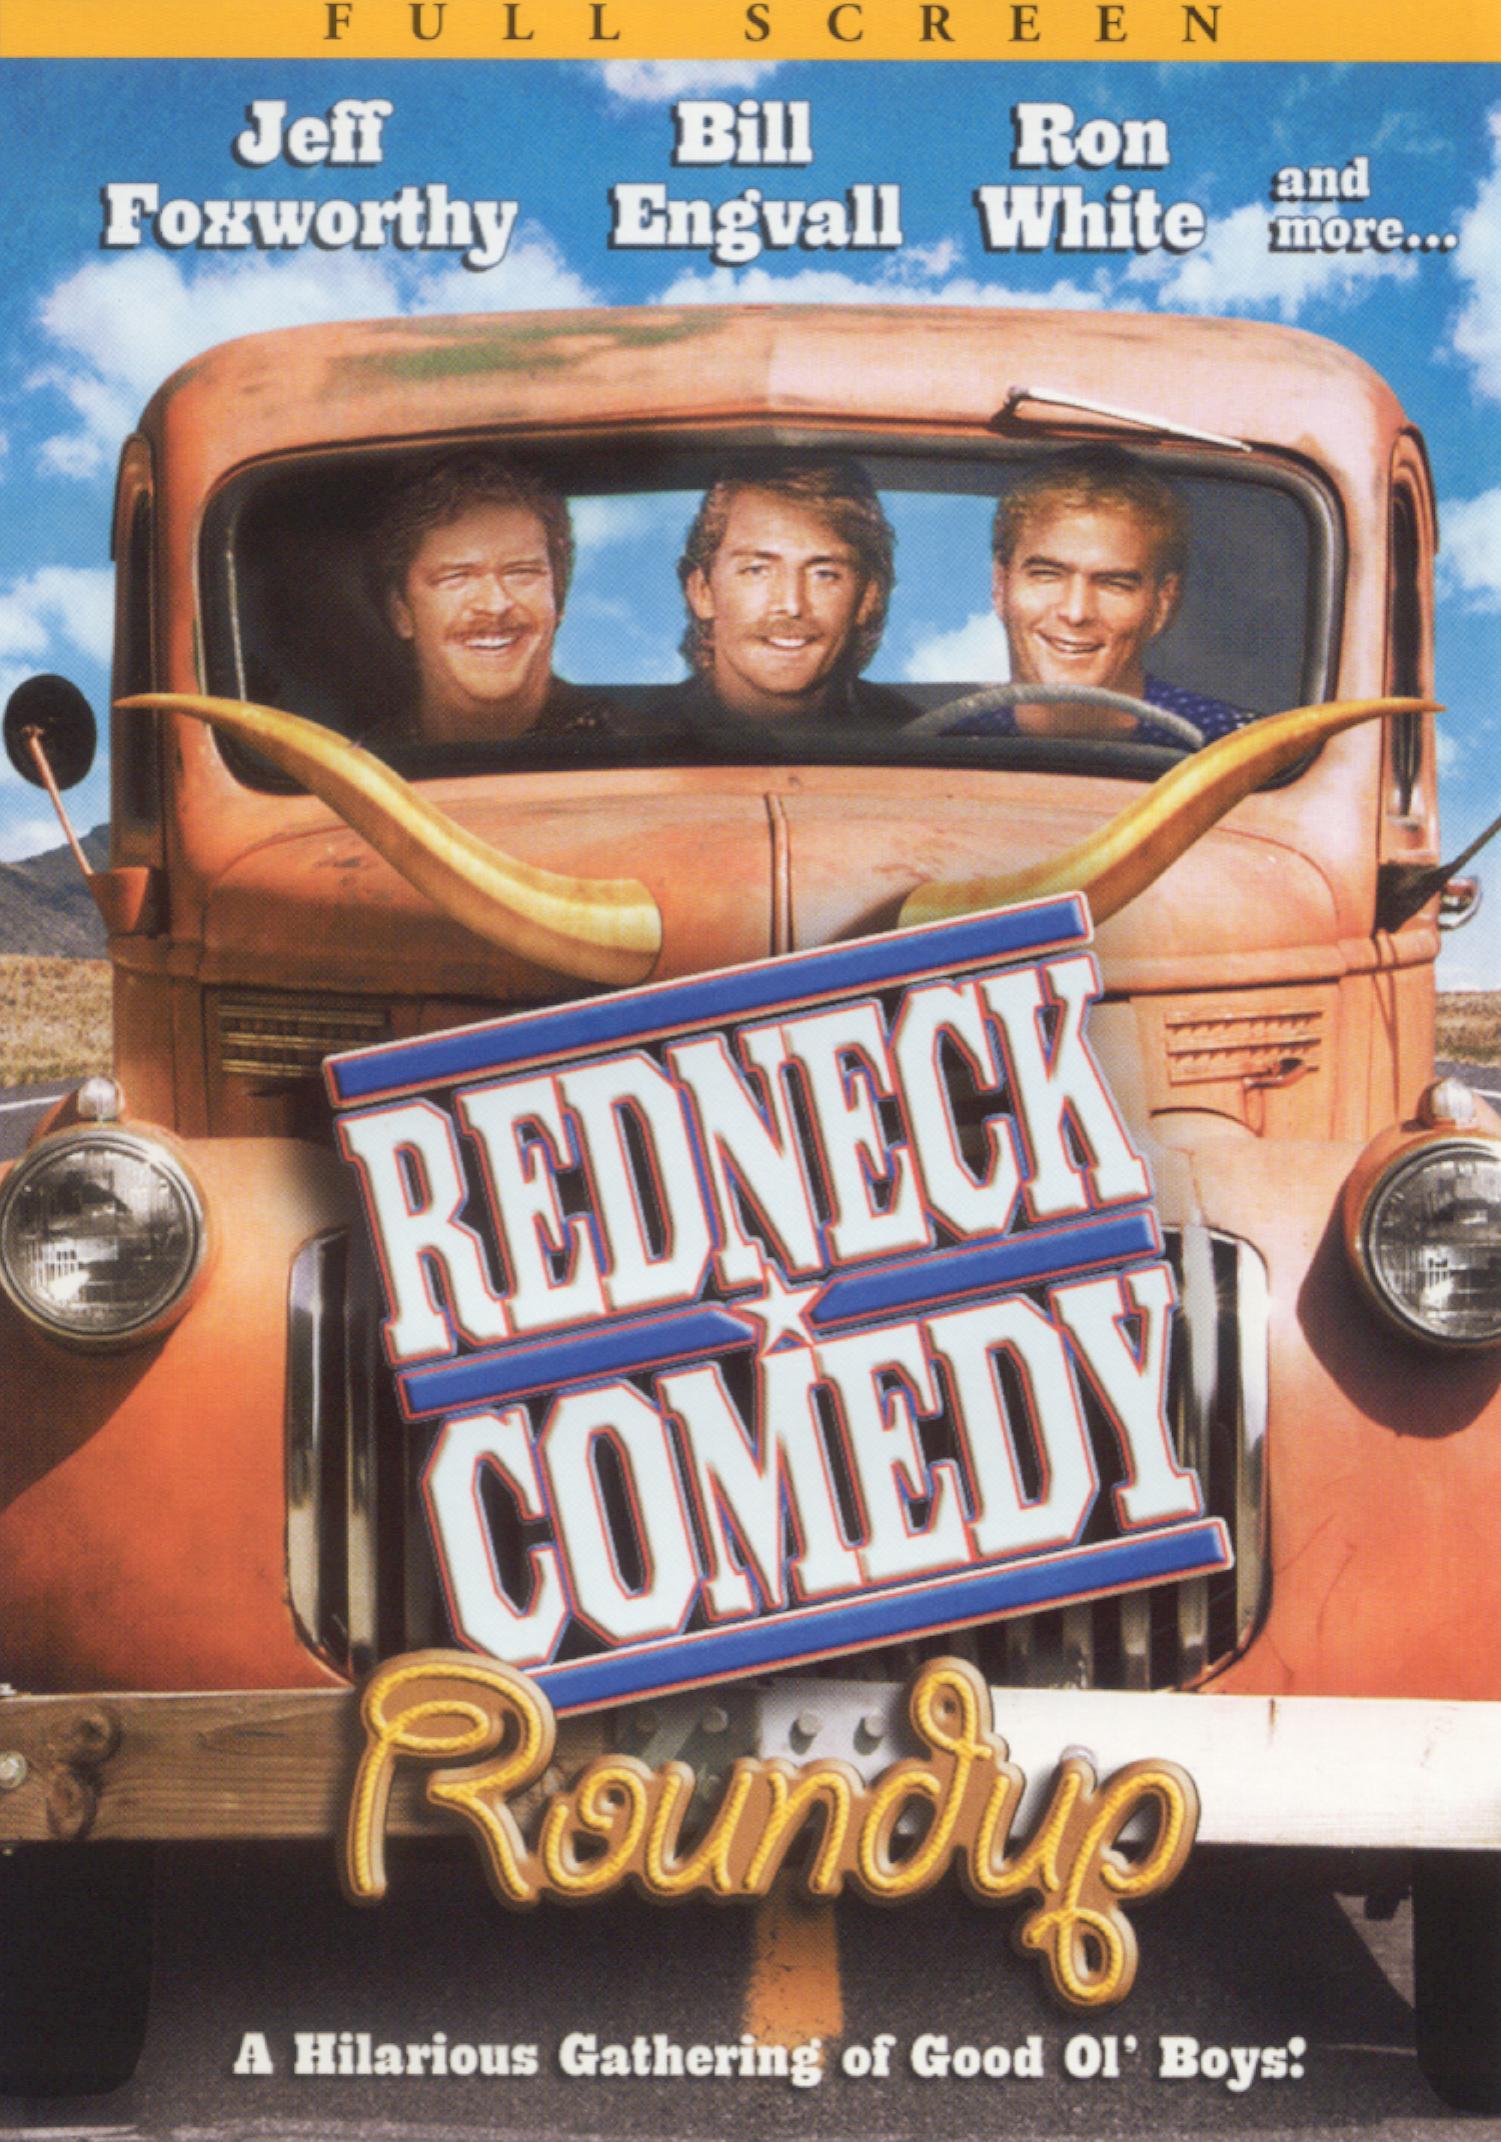 Redneck Comedy Roundup